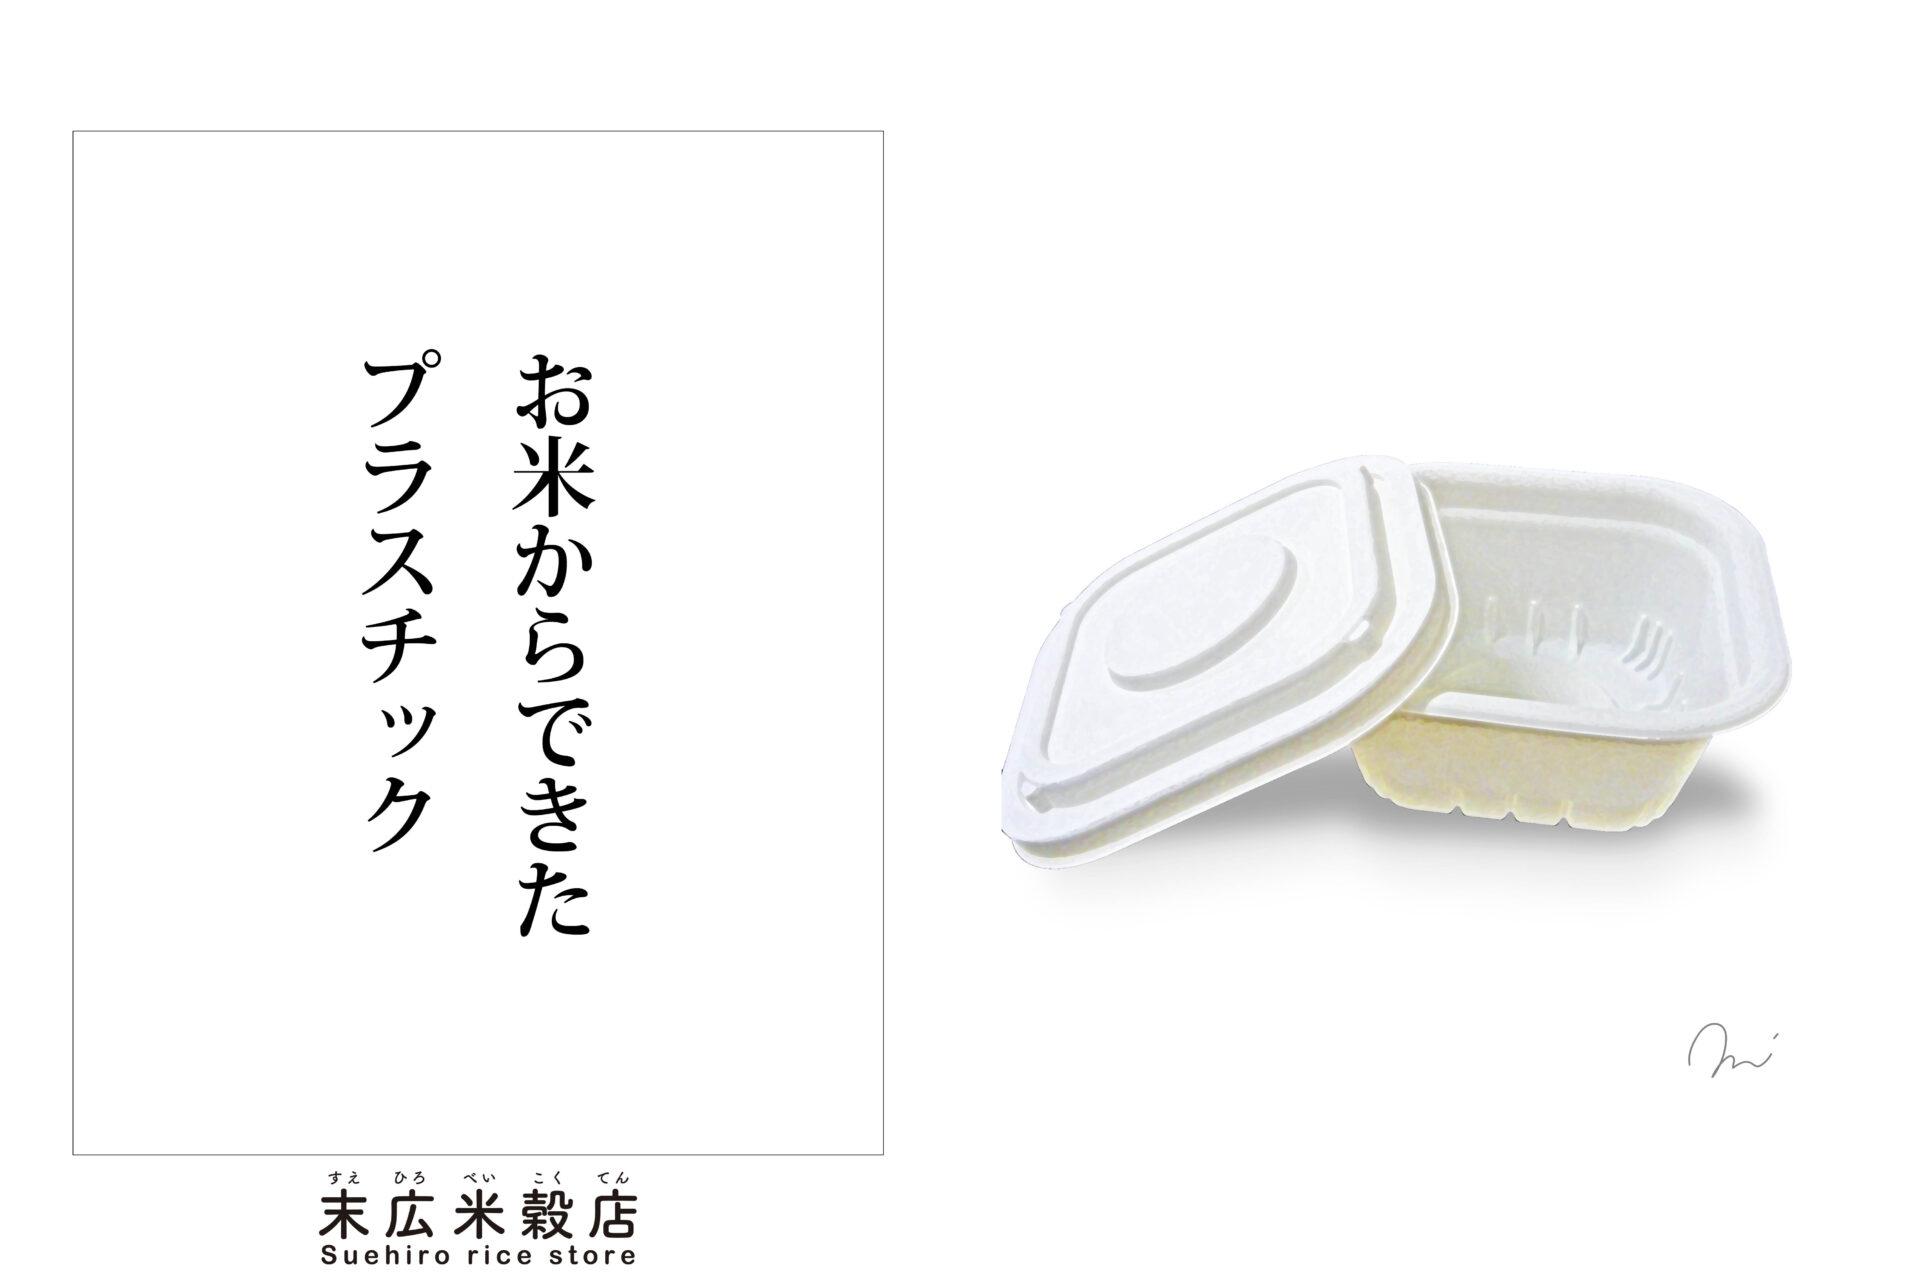 お米でつくる地球にやさしい素材